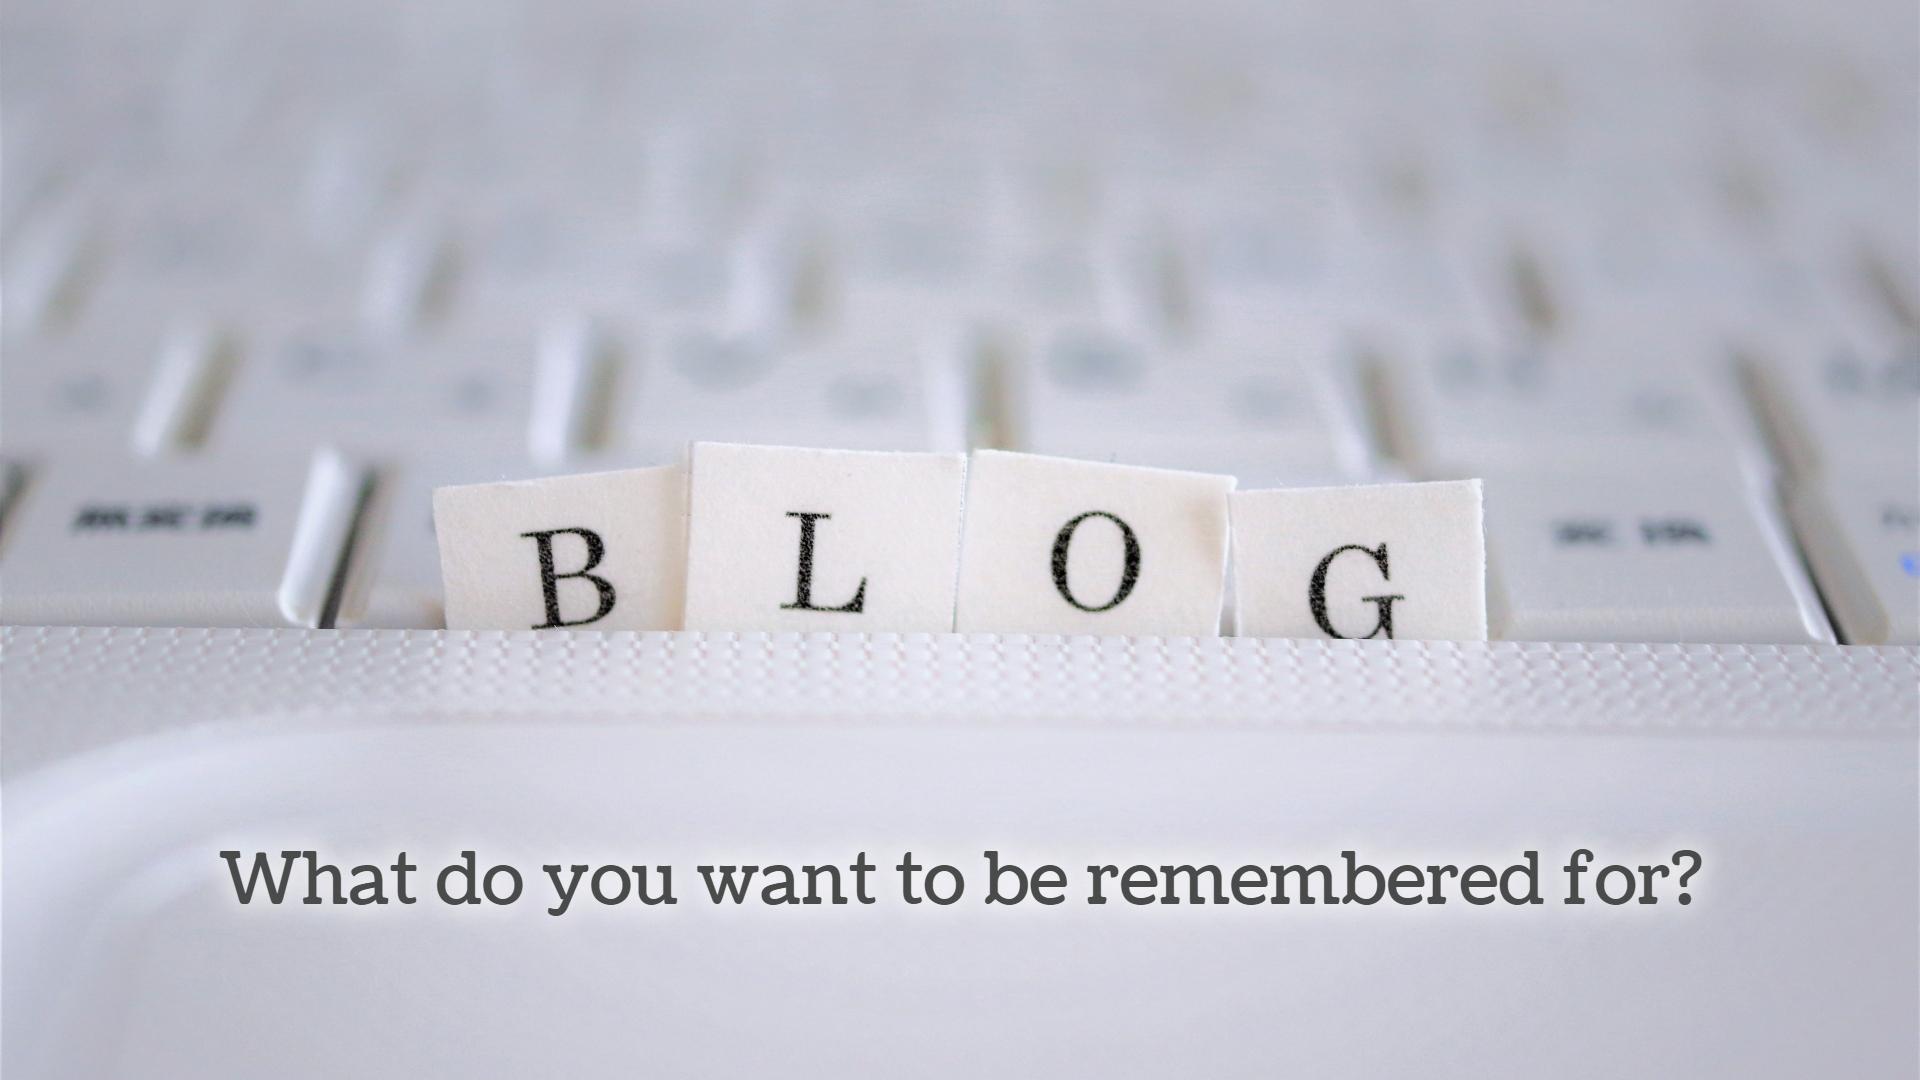 ブログを始めるのは簡単だが、難しいのは・・・|ngsw.net